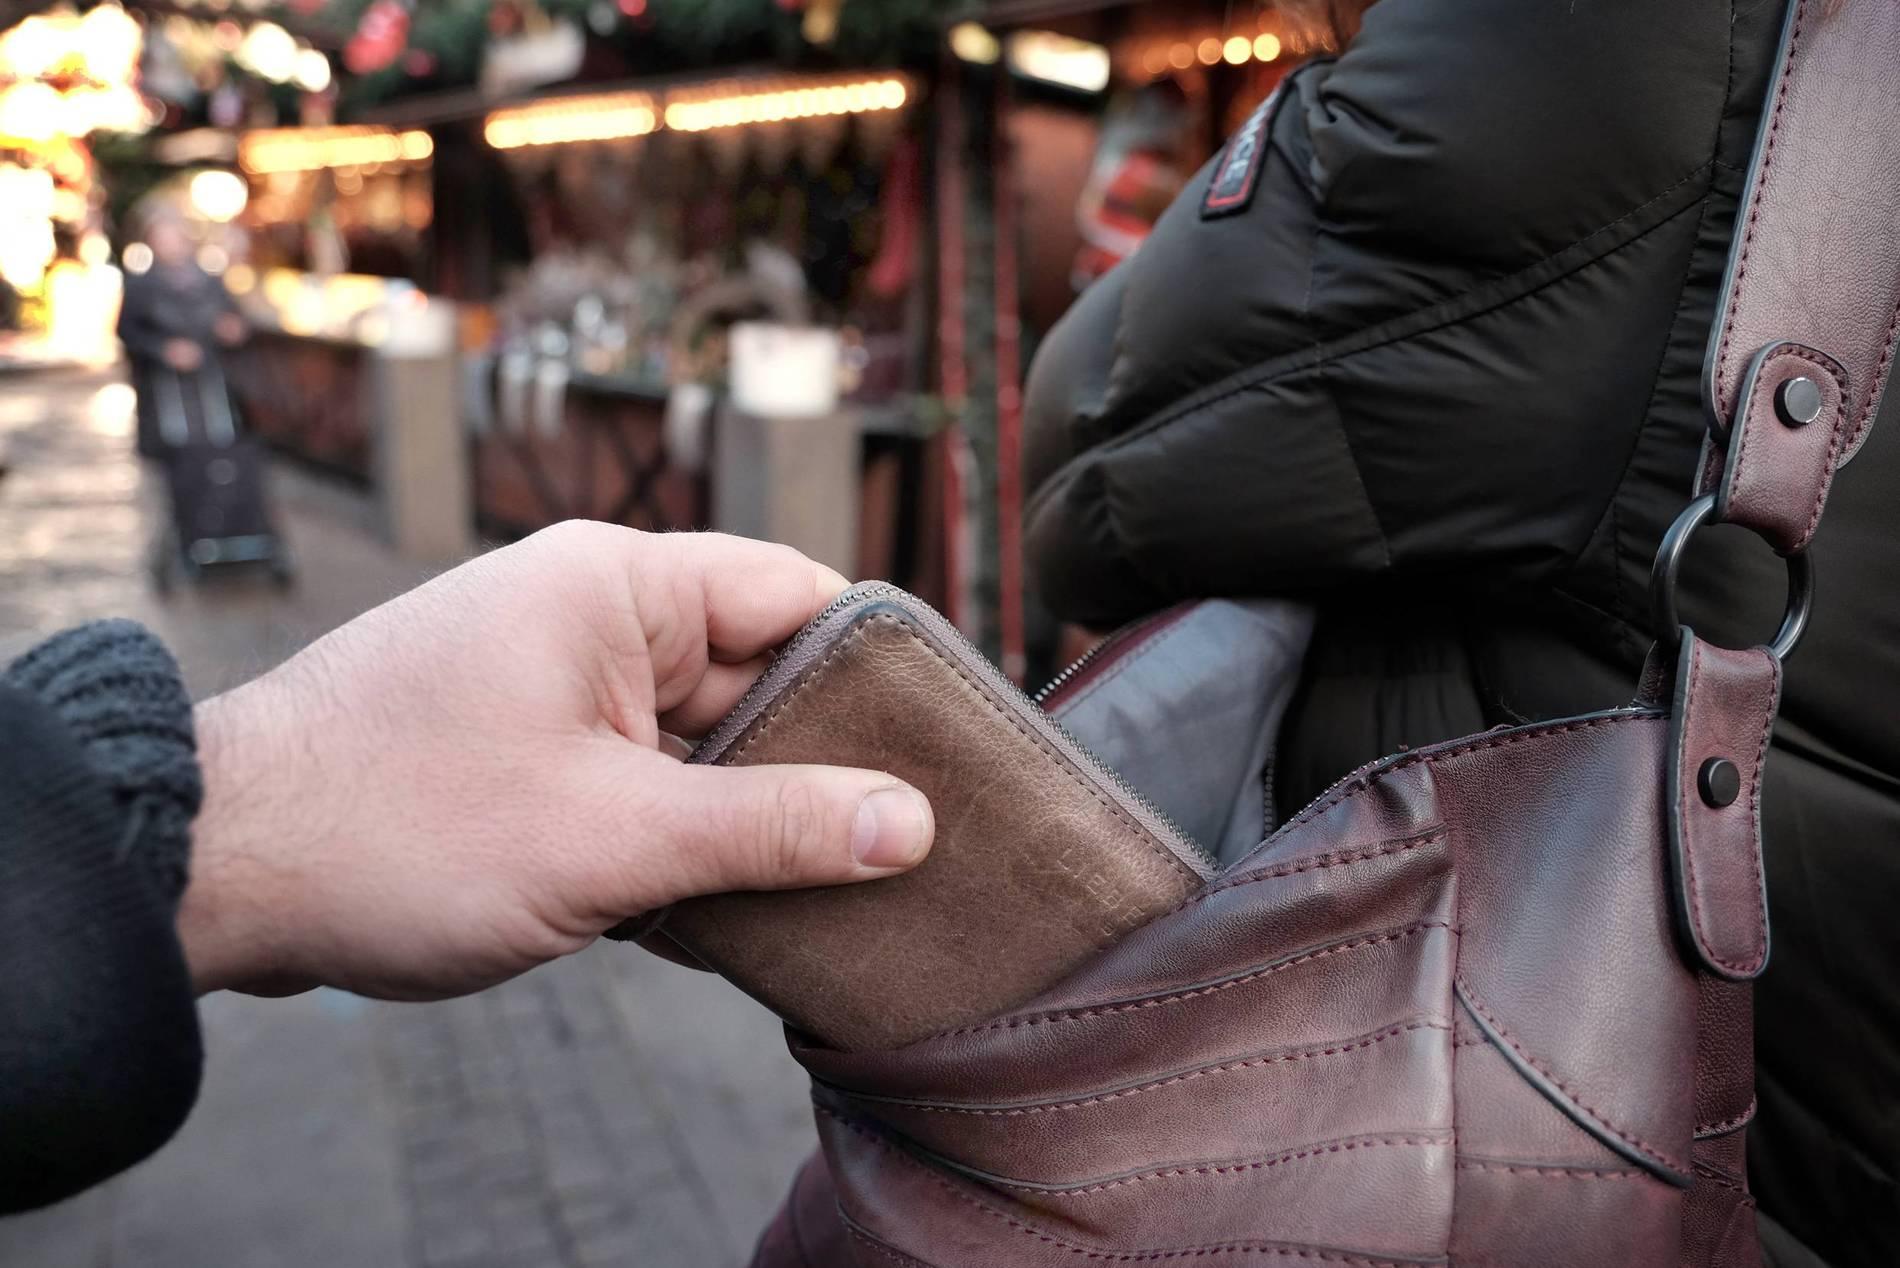 967e920227c8c Nach Raub im Supermarkt   Frau kauft Dieb ihr eigenes Portemonnaie ab